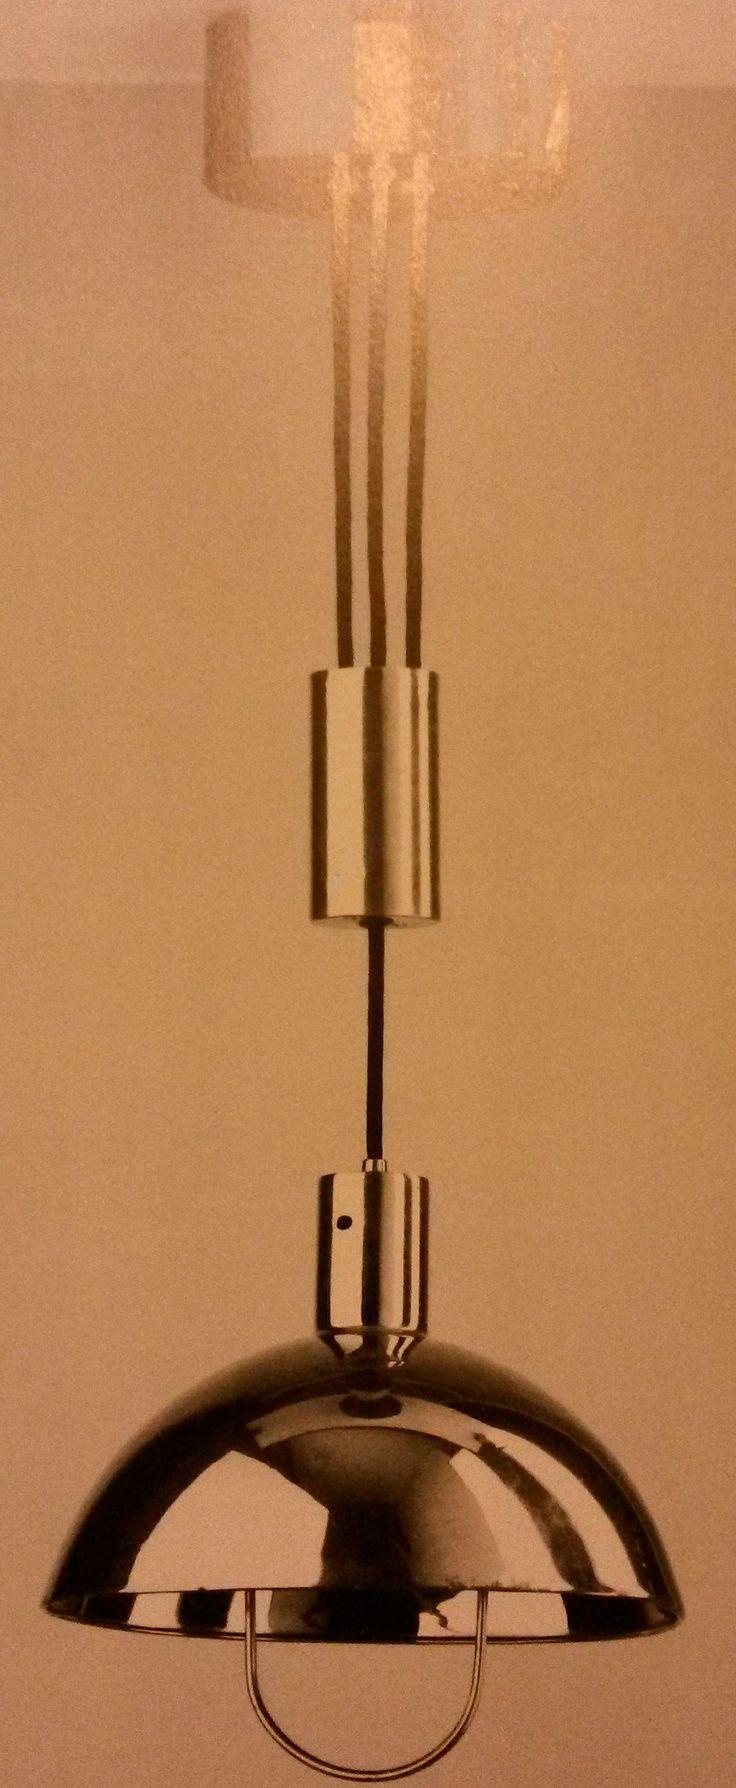 506 best The Bauhaus images on Pinterest | Bauhaus design ...